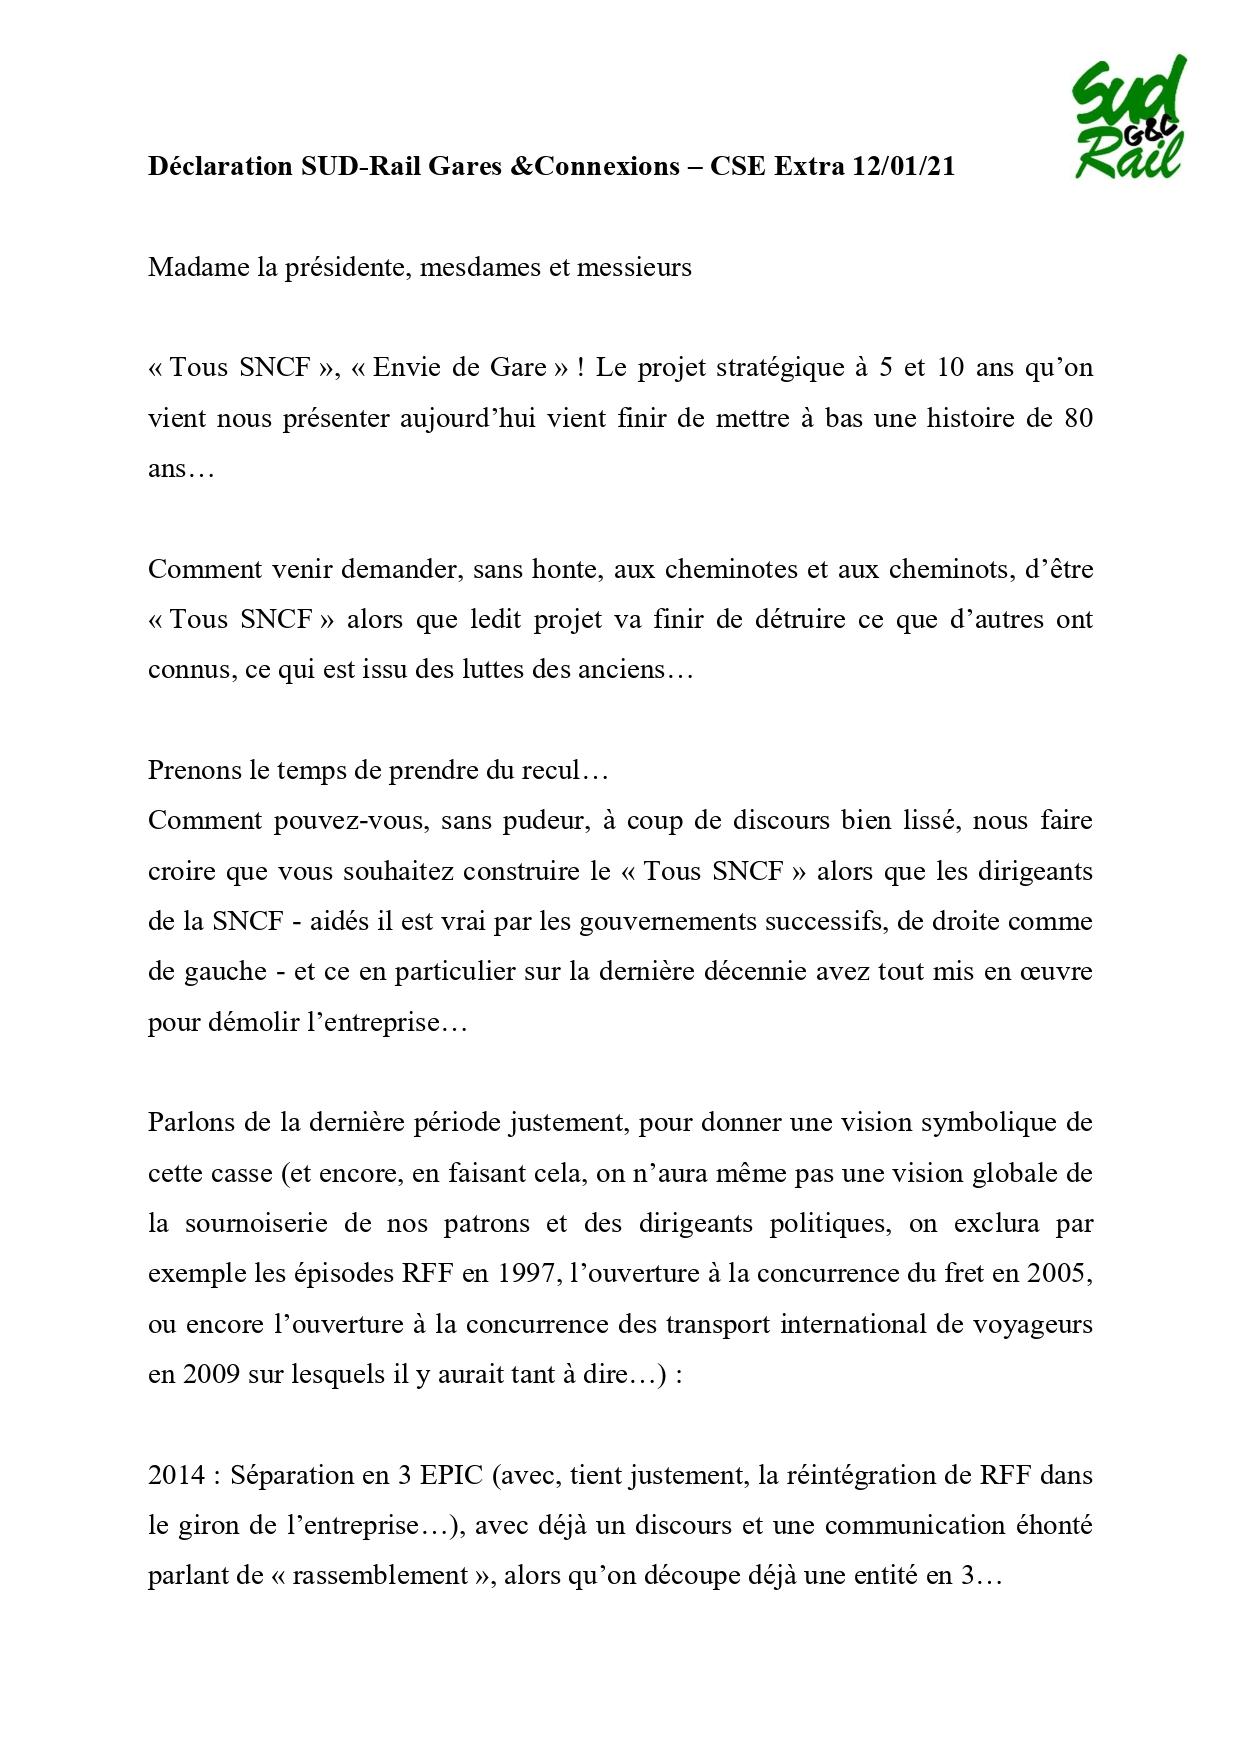 """DECLARATION SUD RAIL au cse extra gares & connexions du 12 01 2021 """"TOUS sncf"""""""